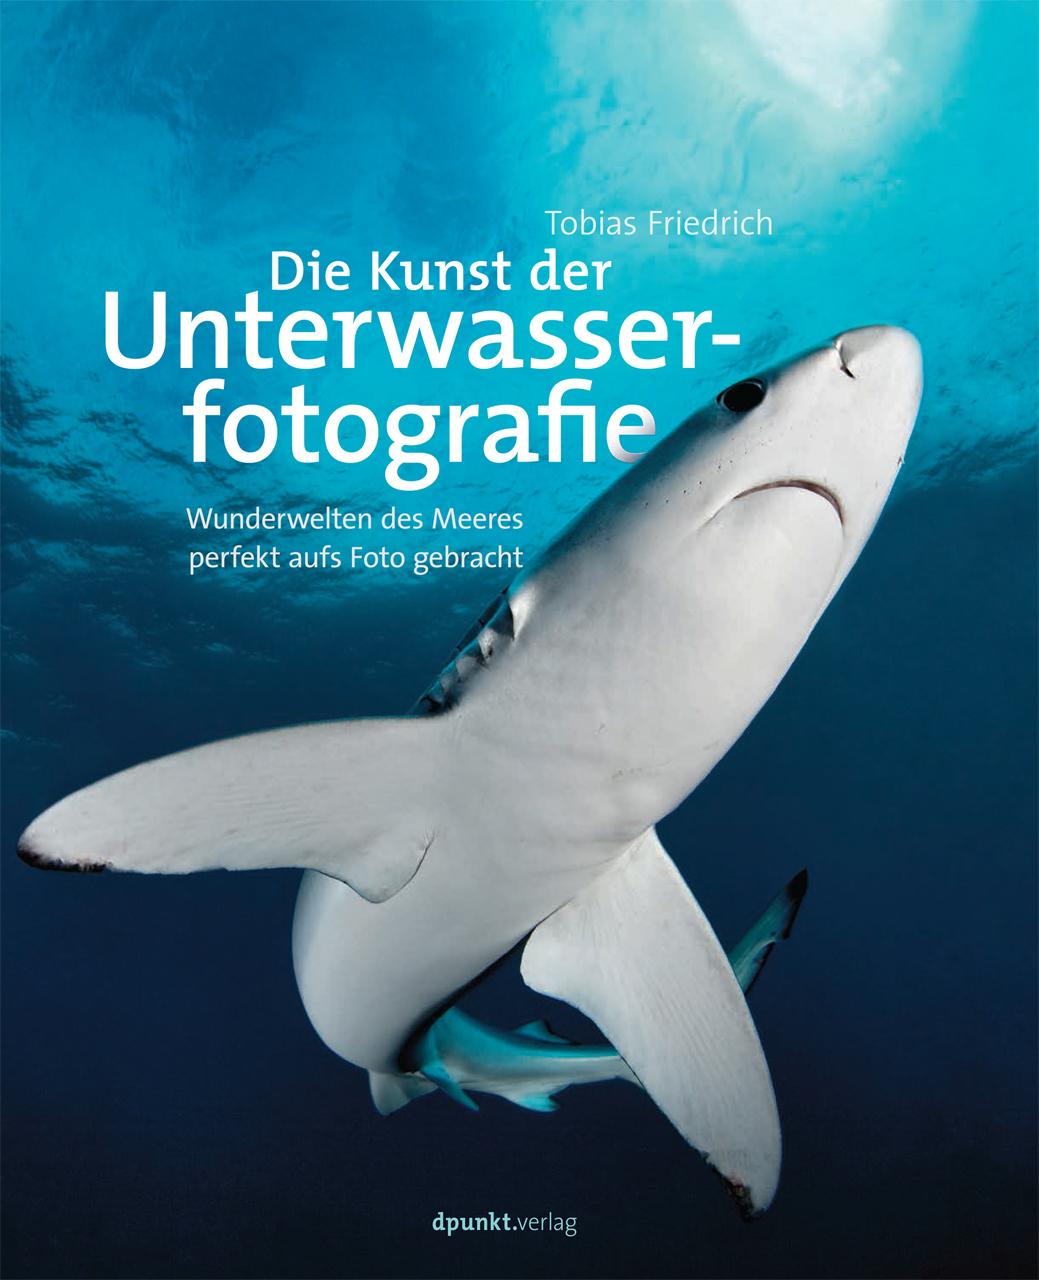 Die hohe Kunst der Unterwasserfotografie: Wunderwelten des Meeres perfekt aufs Foto gebracht - Tobias Friedrich